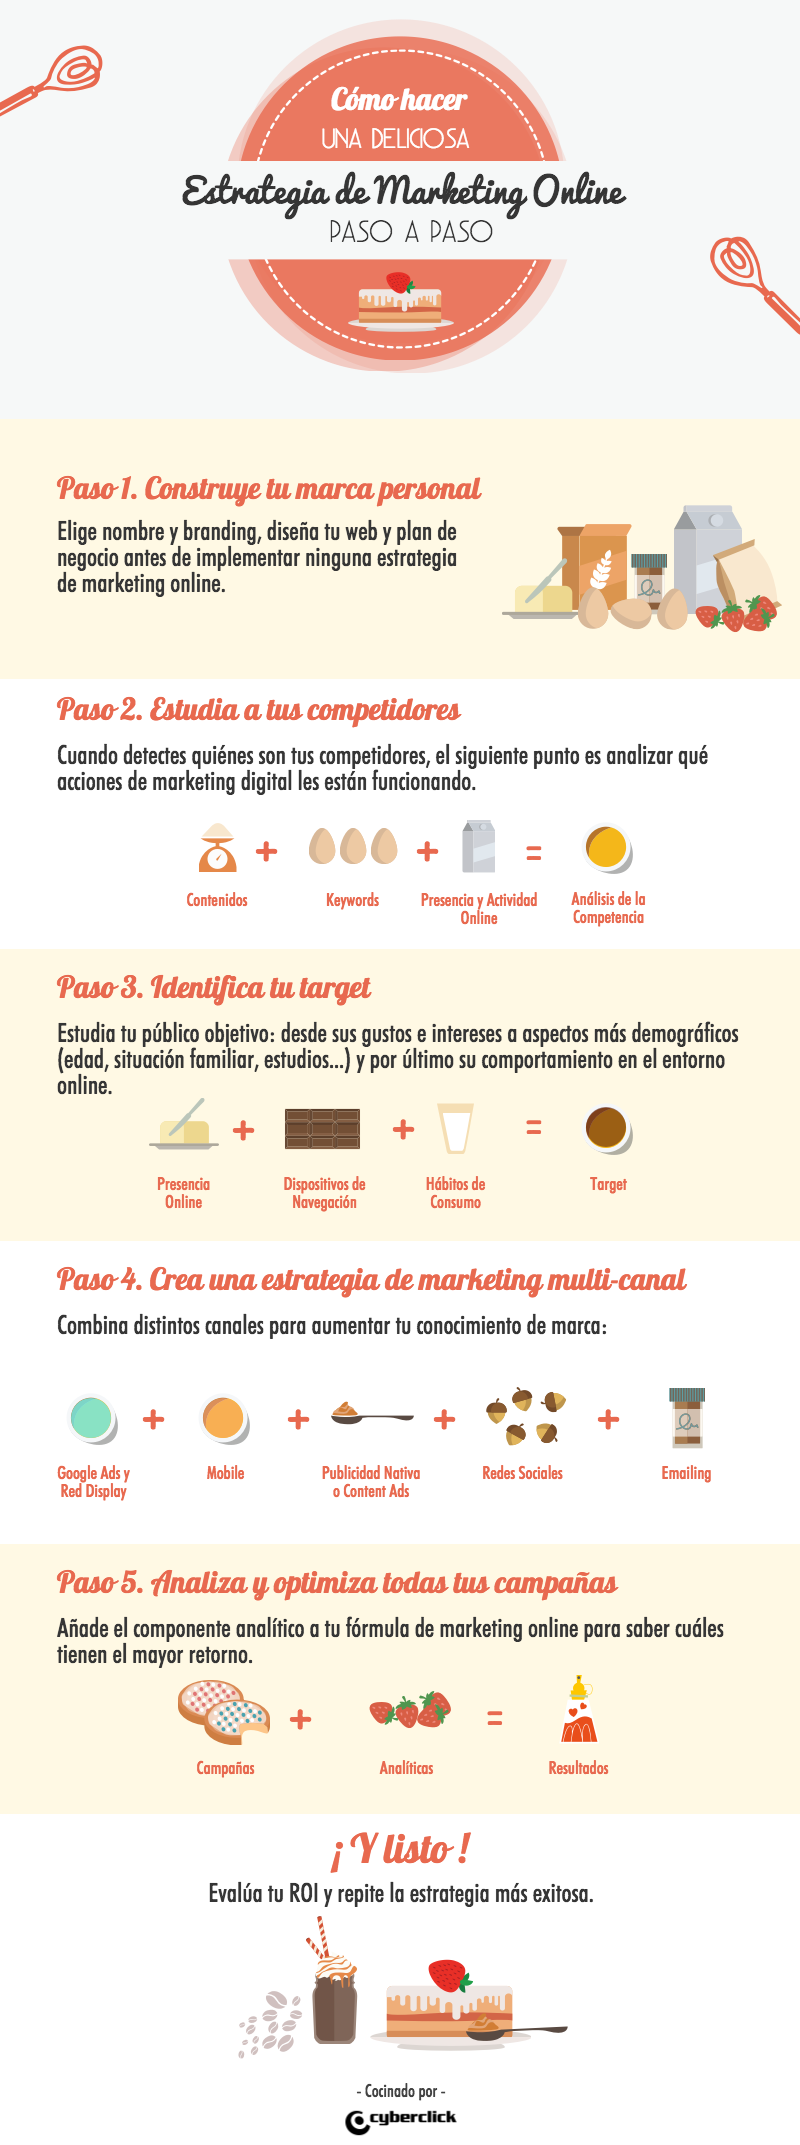 La mejor receta para una estrategia de marketing online exitosa